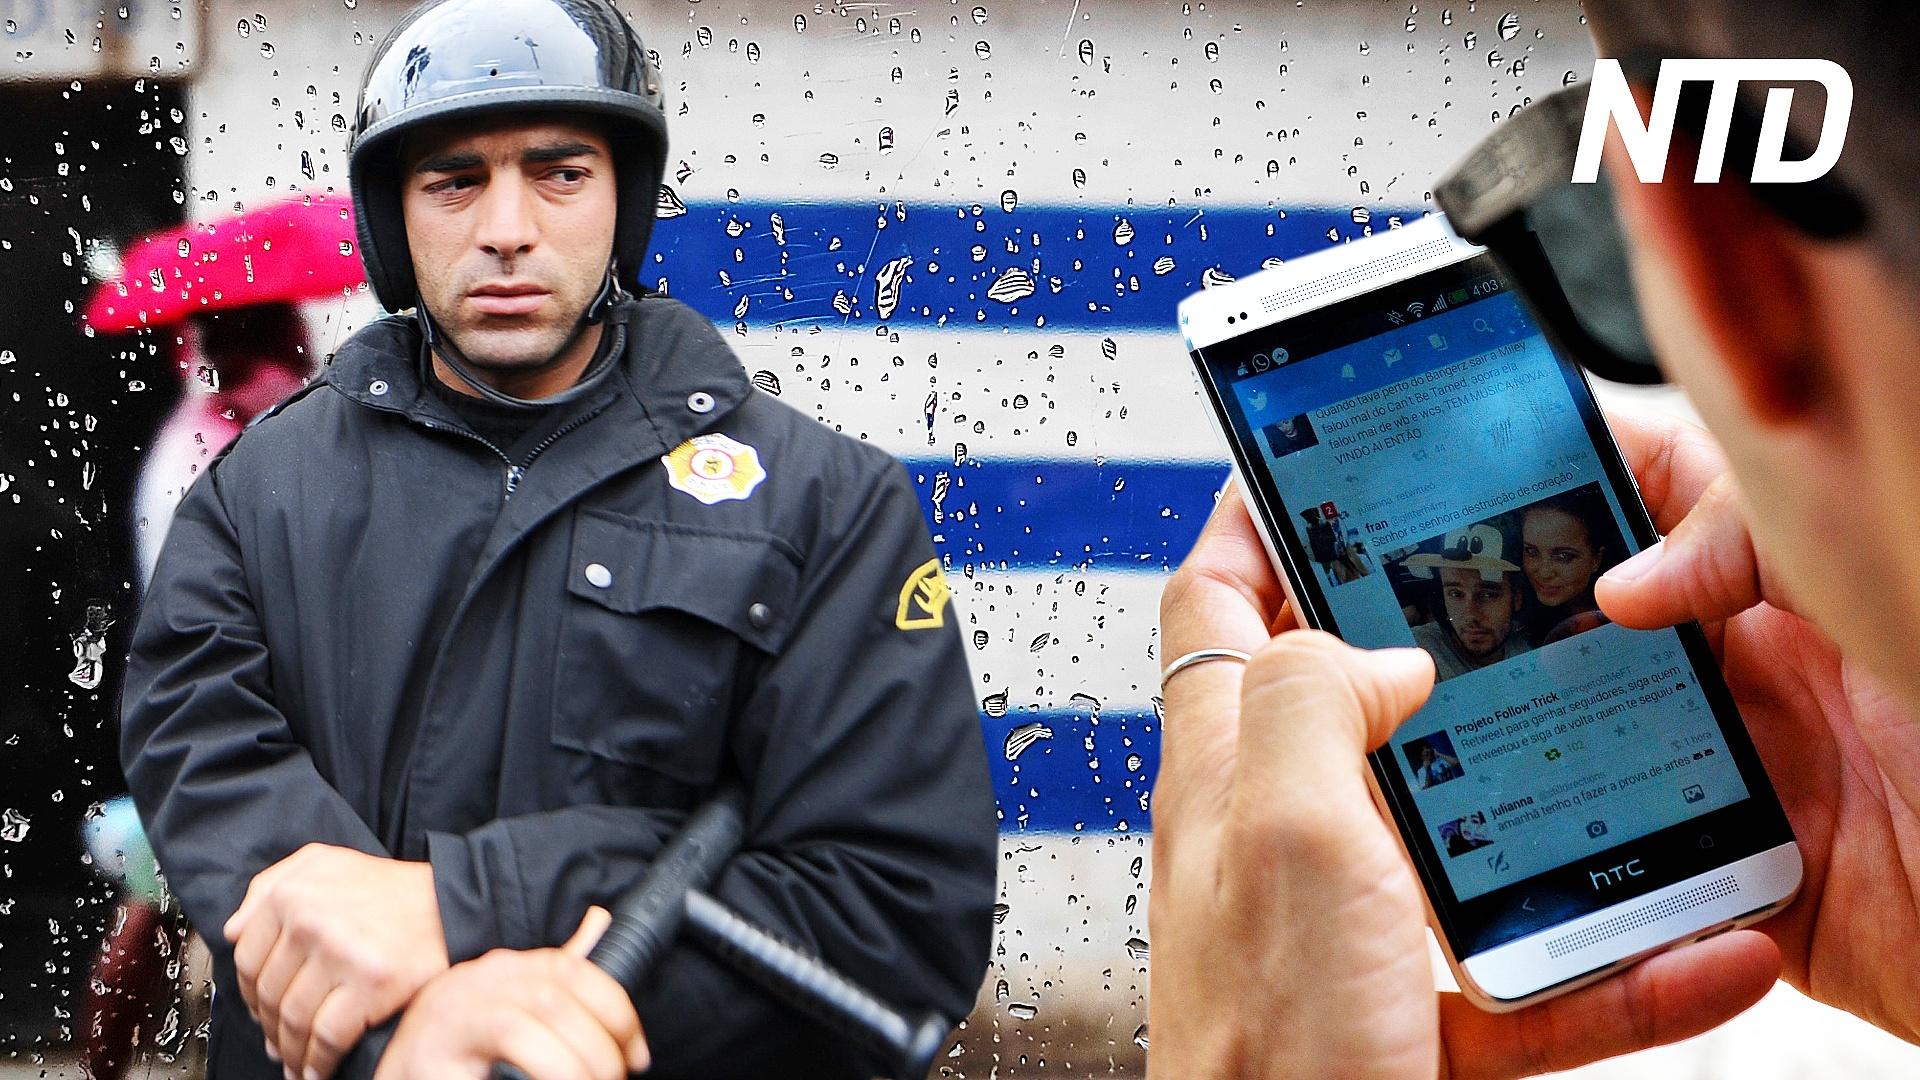 Куба ужесточает контроль над социальными сетями